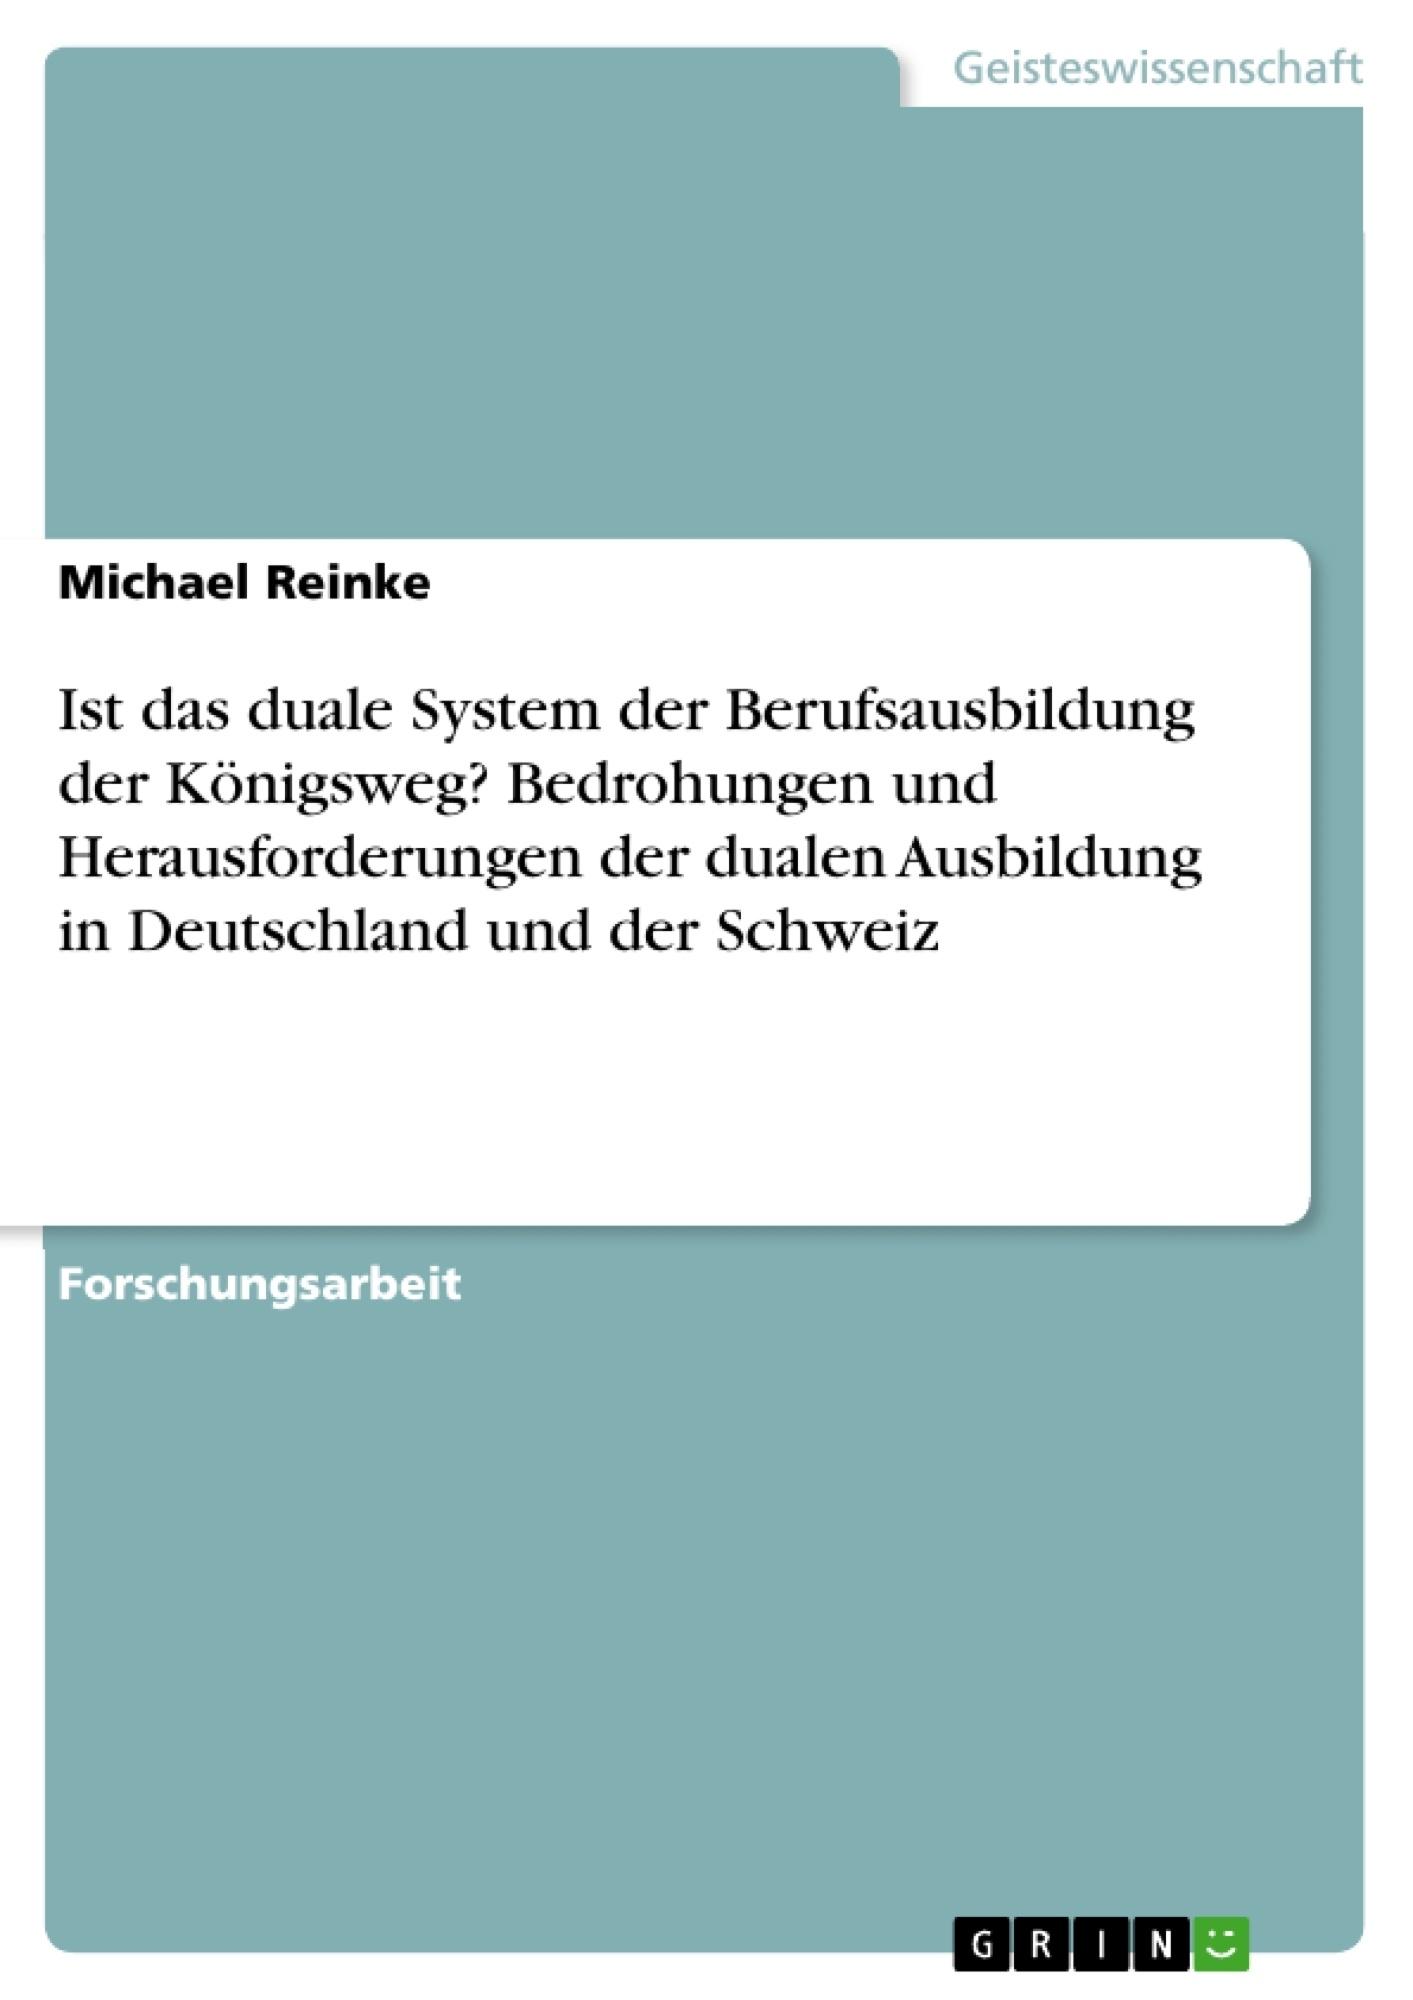 Titel: Ist das duale System der Berufsausbildung der Königsweg? Bedrohungen und Herausforderungen der dualen Ausbildung in Deutschland und der Schweiz